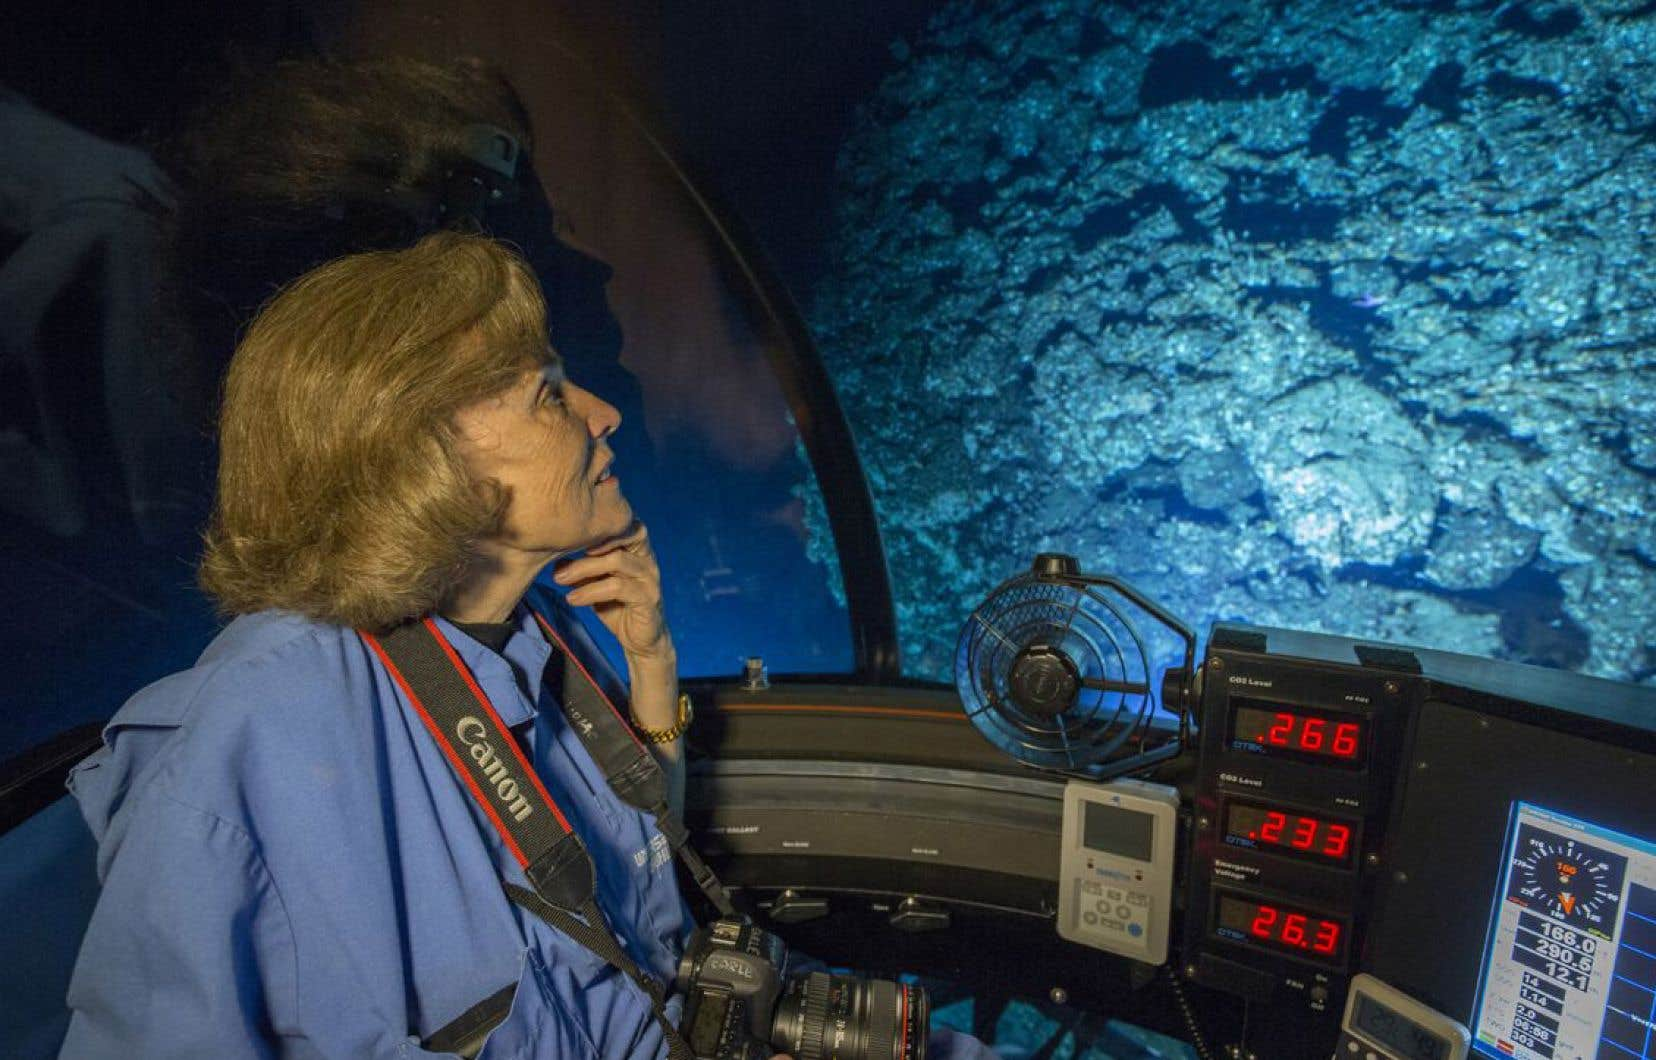 «Les aires marines protégées sont essentielles pour protéger la biodiversité», résume l'océanographe Sylvia Earle.